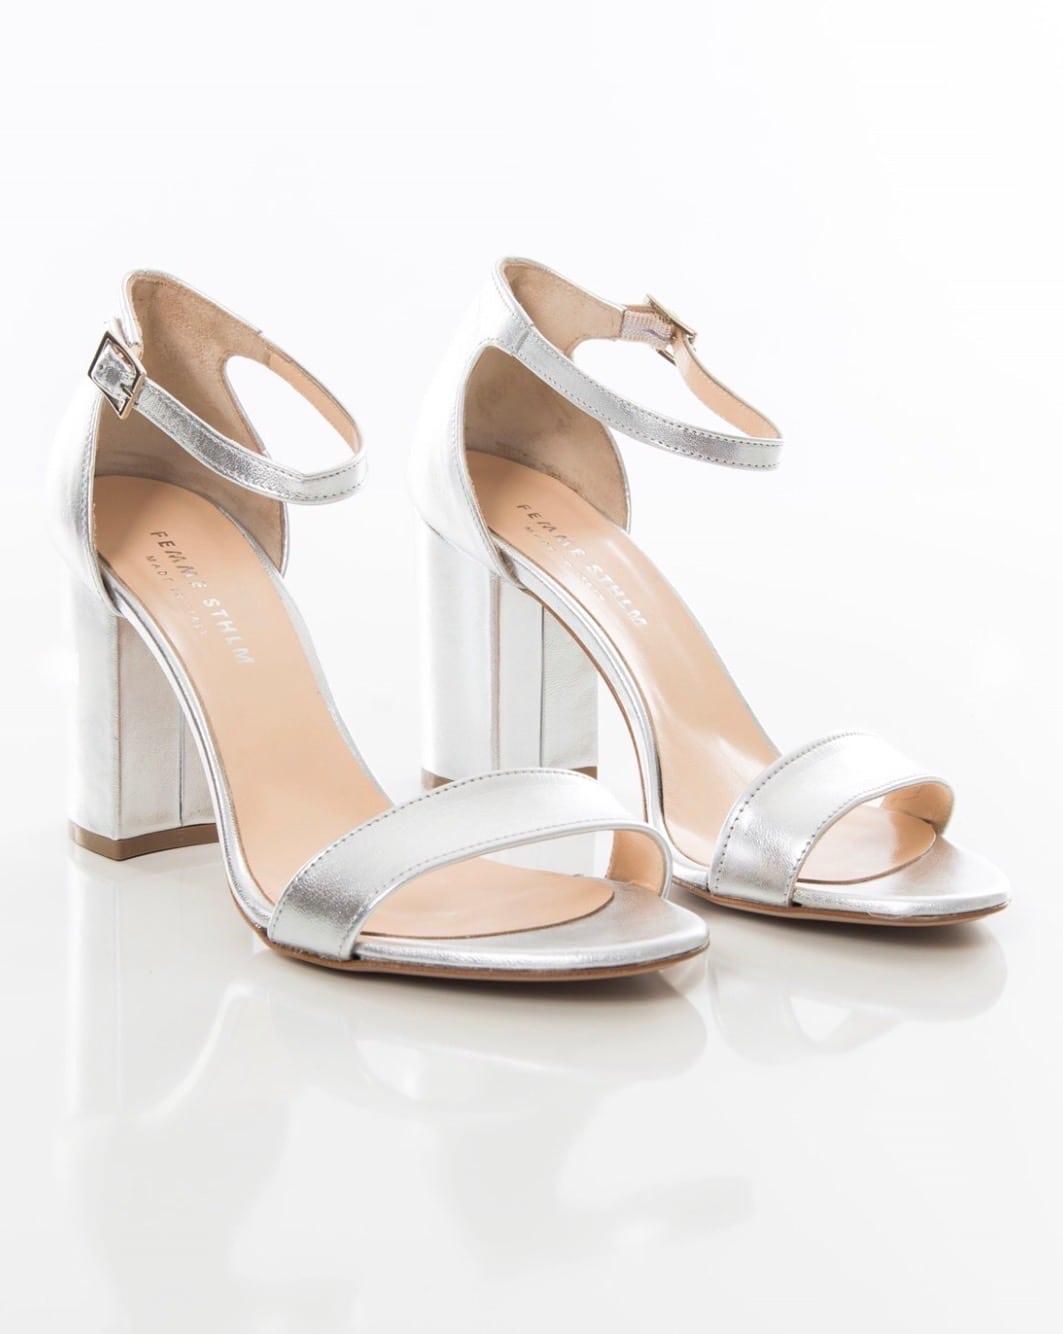 Fyndläge! Halva priset på skor och kläder från ADIDAS! Rawness